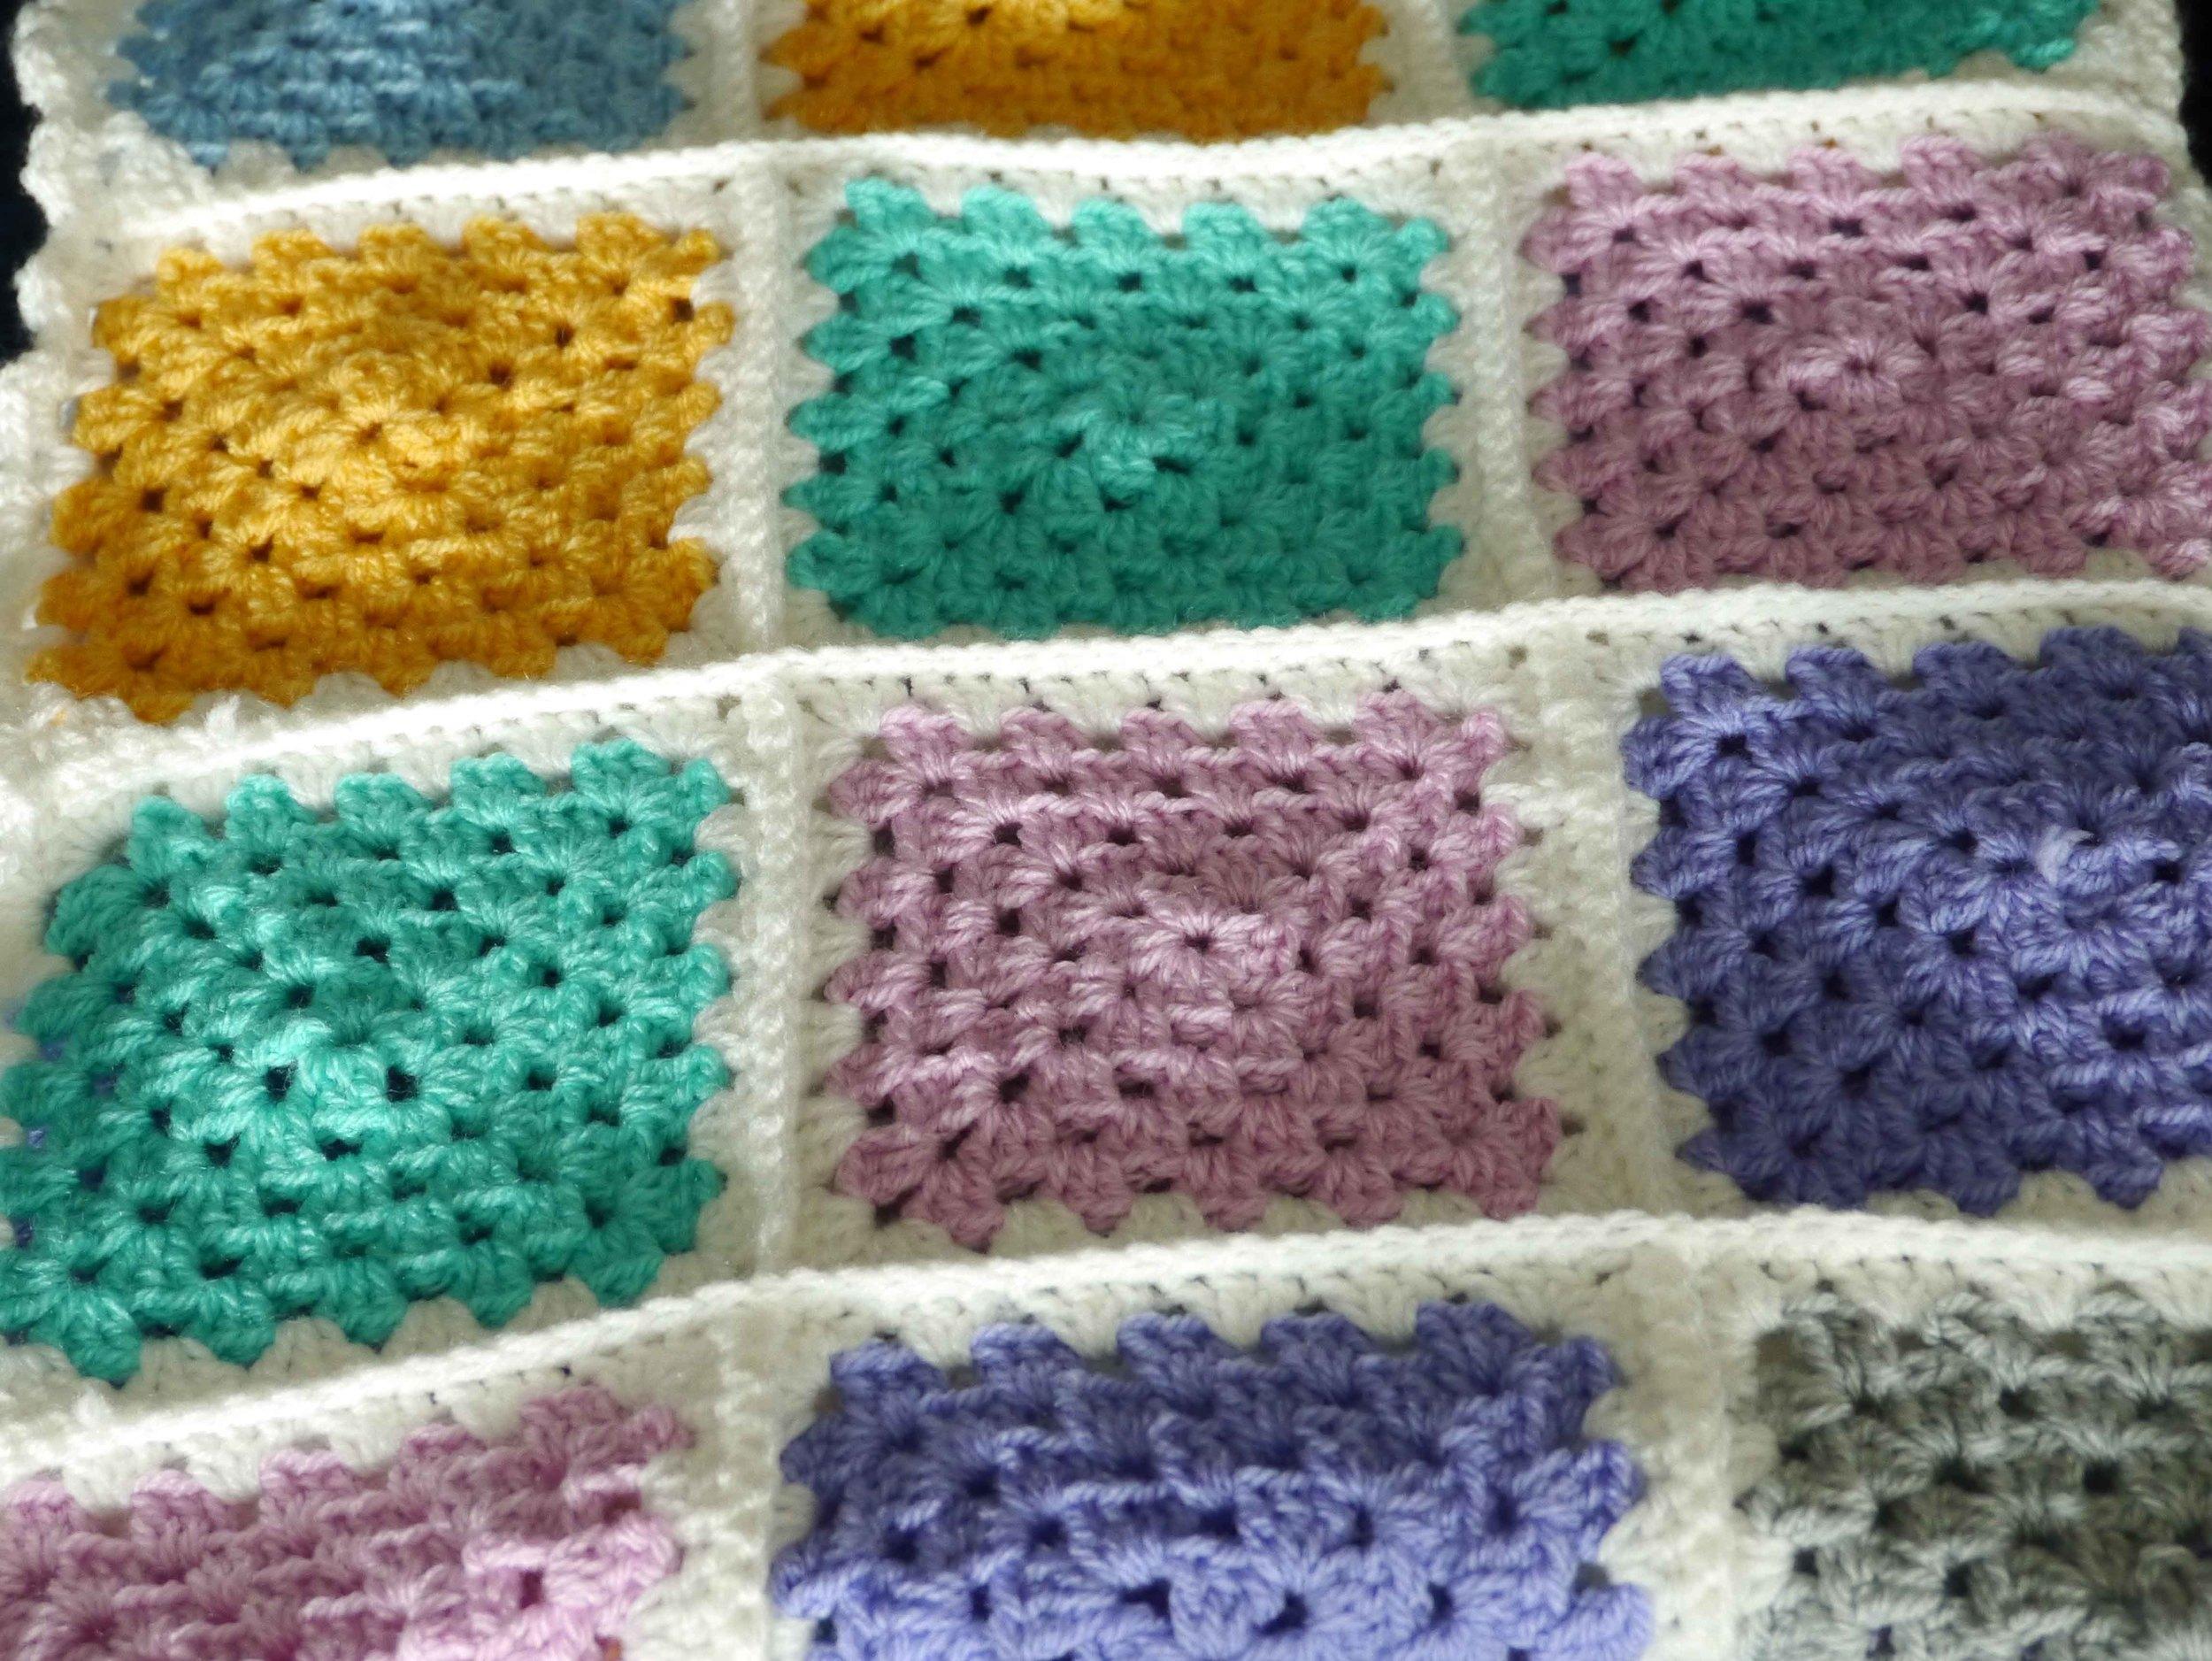 granny square baby blanket 4.jpg